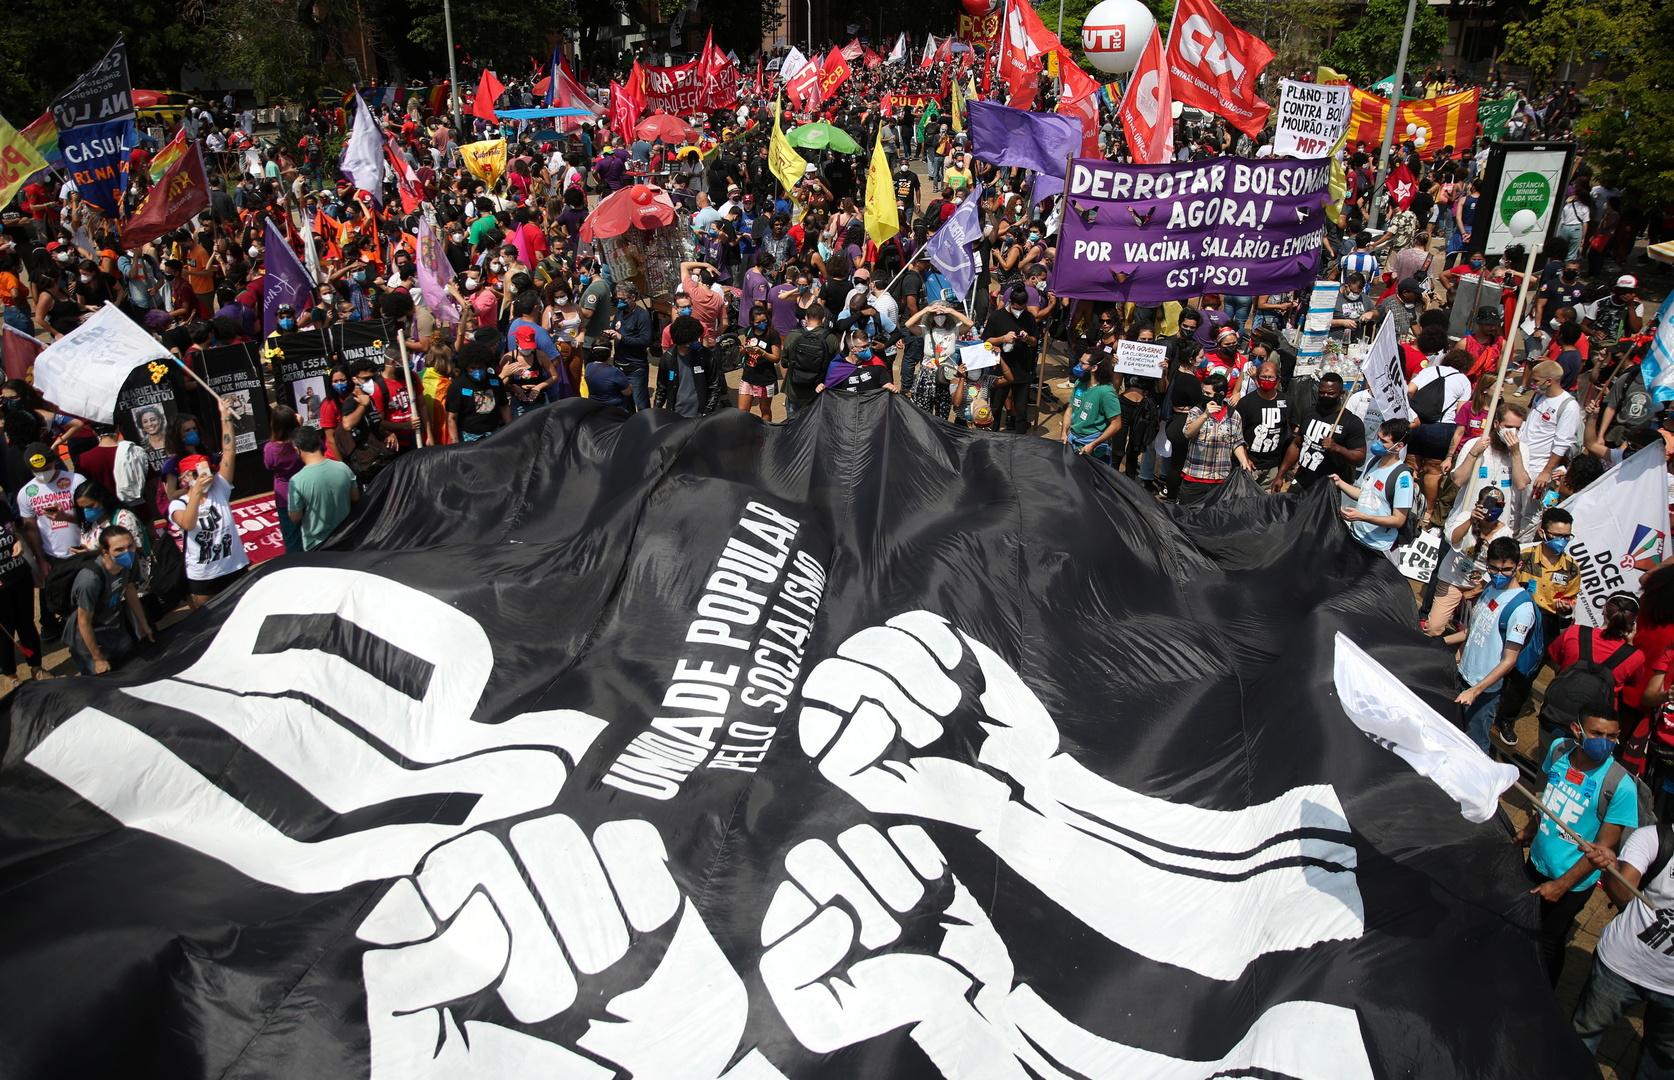 Brésil : des dizaines de milliers de partisans de Bolsonaro déferlent dans plusieurs villes